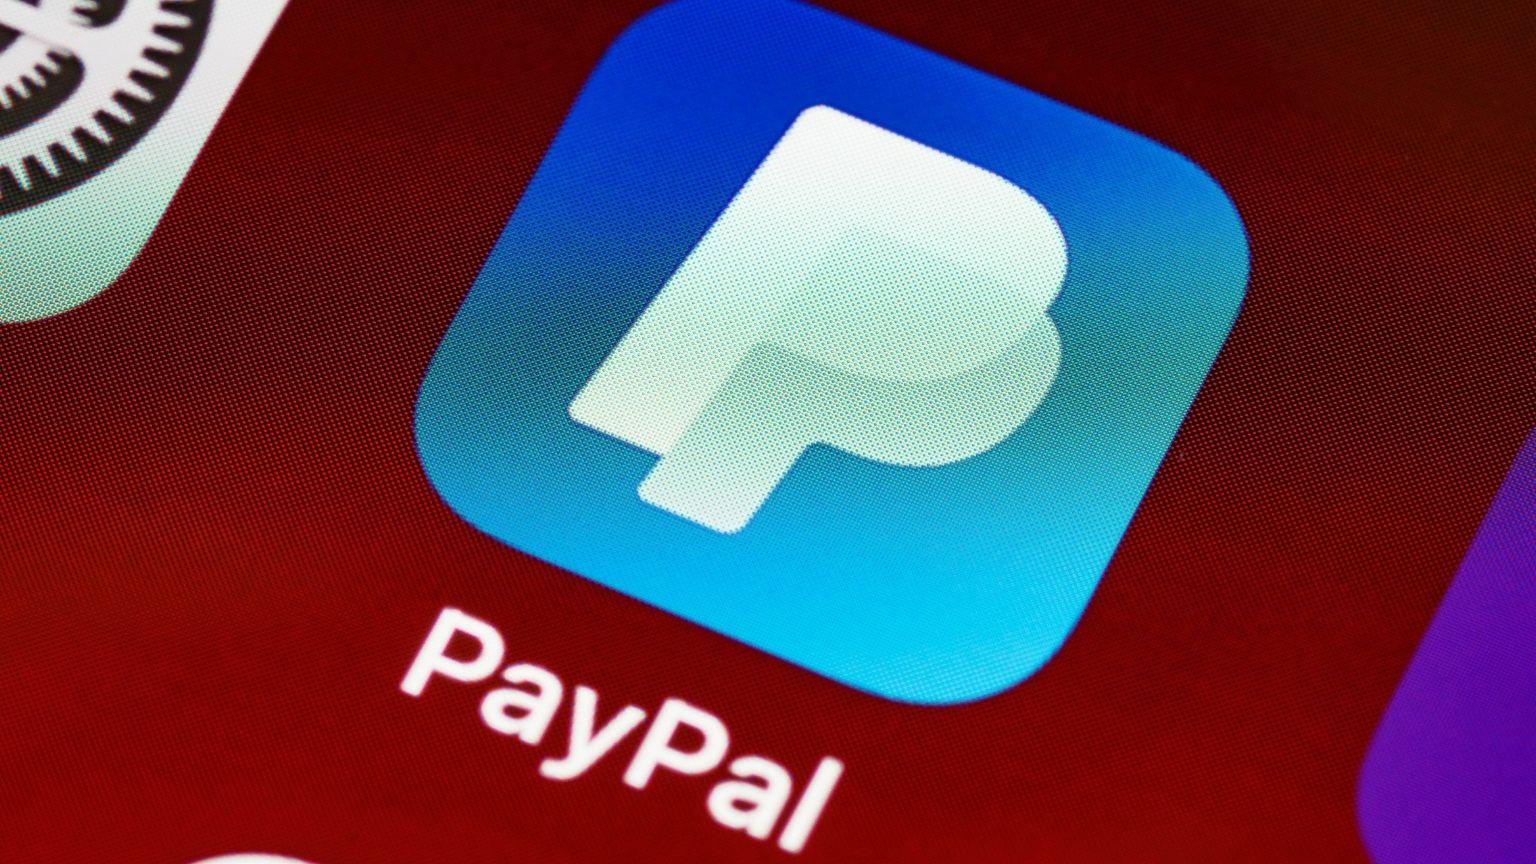 PayPal co-founder David Sacks laments the company's dark turn towards censorship